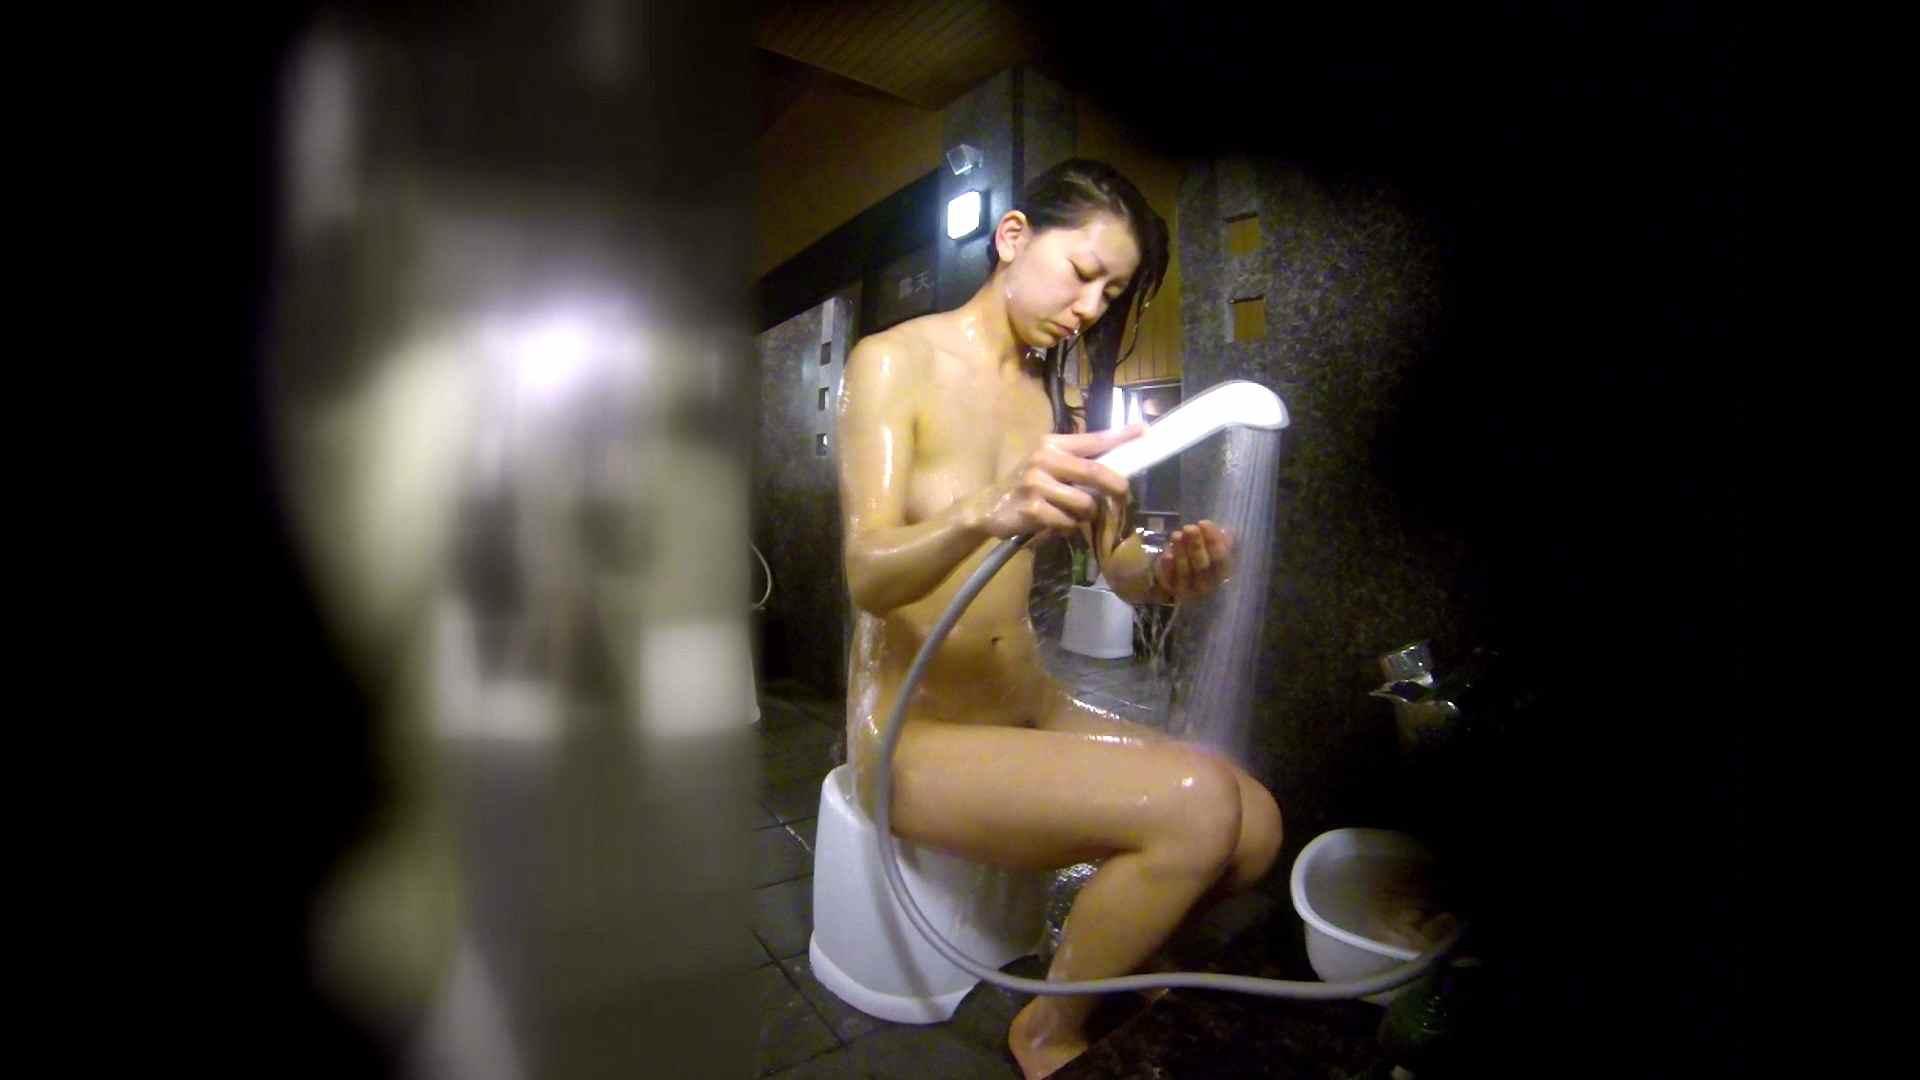 洗い場!綺麗なお女市さんは好きですか?